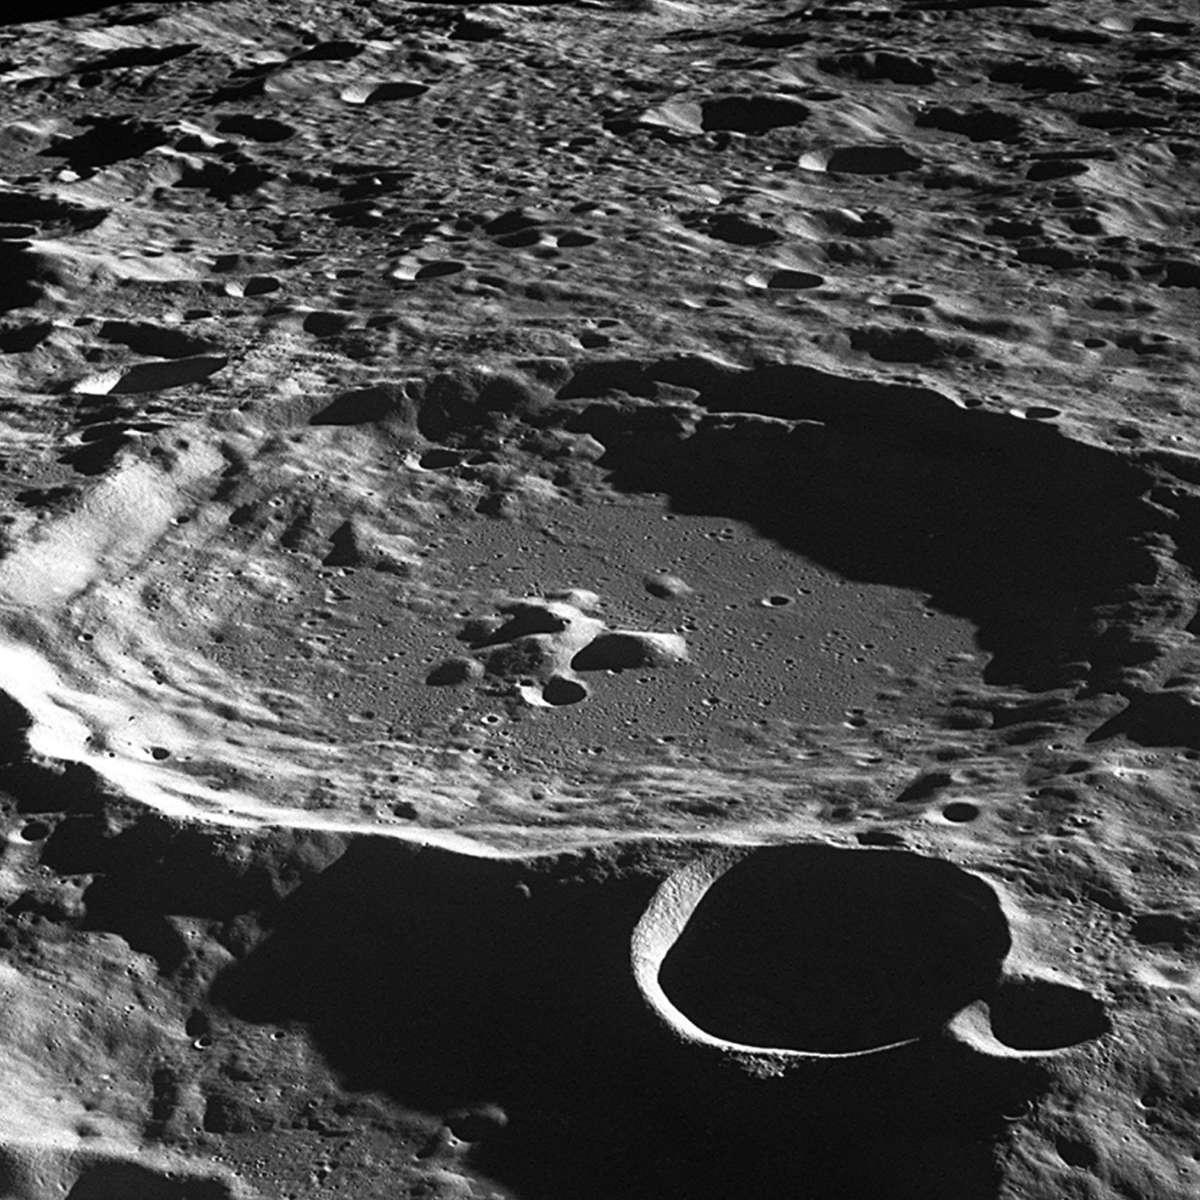 moon_crater_nasa.png